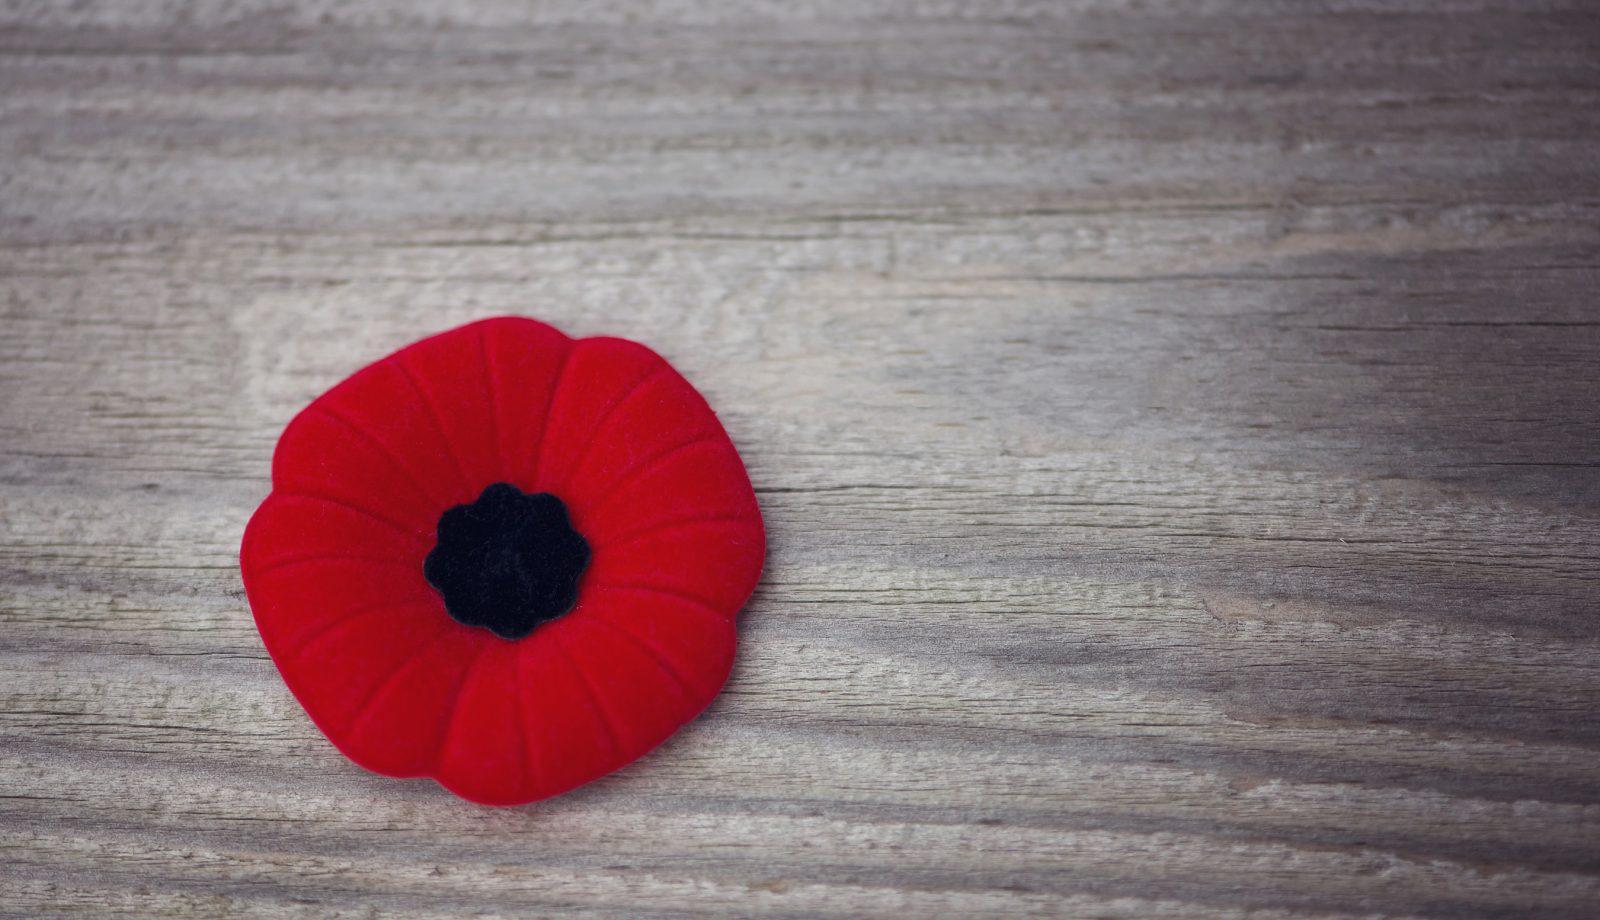 Remembrance Day Closure (Nov 11)